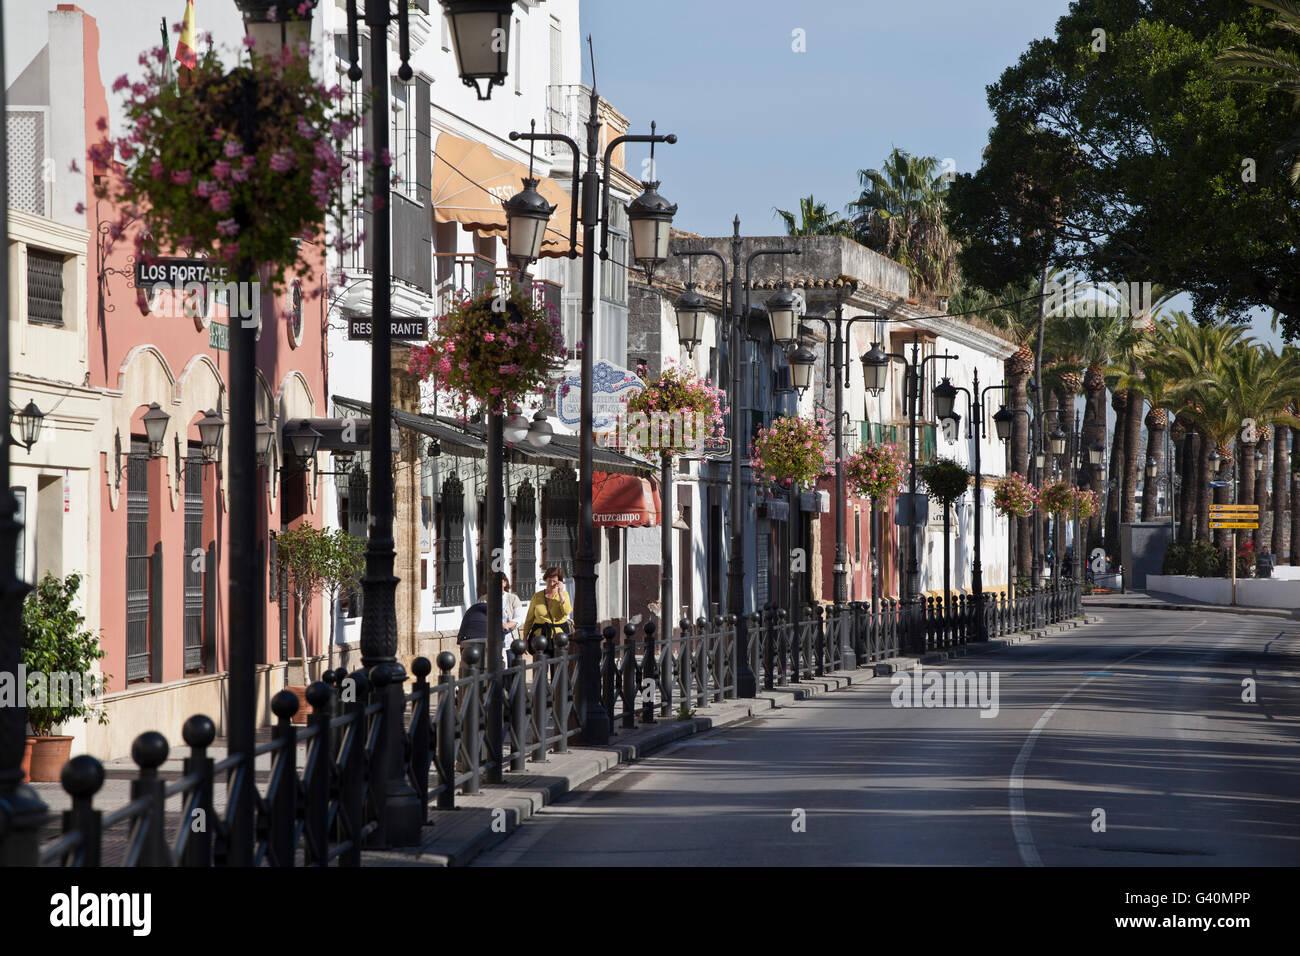 Calle Ribera del Marisco, Parque Calderón, El Puerto de Santa Maria, Costa de la Luz, Andalusia, Spain, Europe - Stock Image